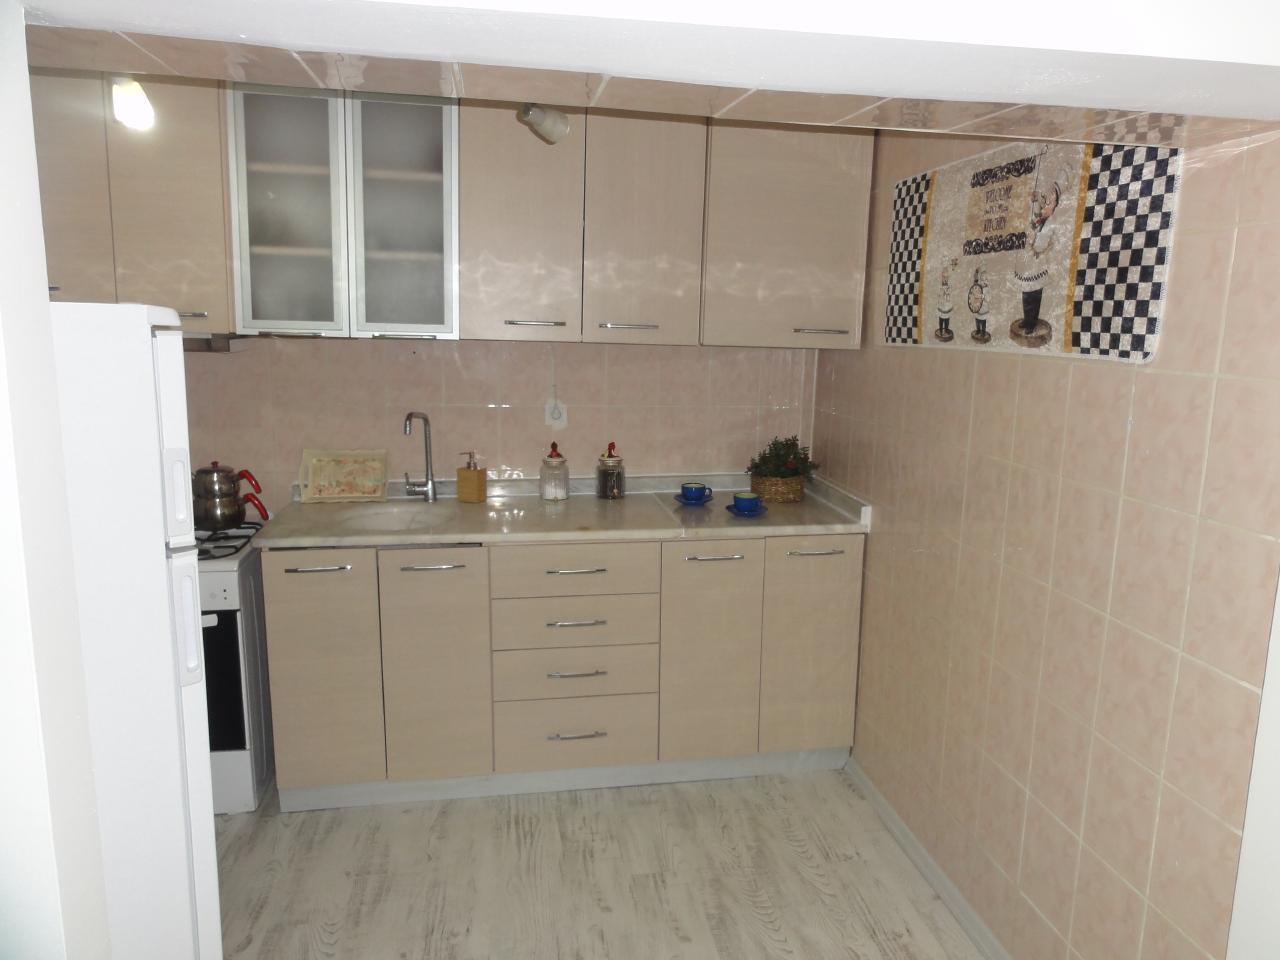 Ferienwohnung Evodak Apartment D 2A (1710500), Balgat, , Zentralanatolien, Türkei, Bild 44